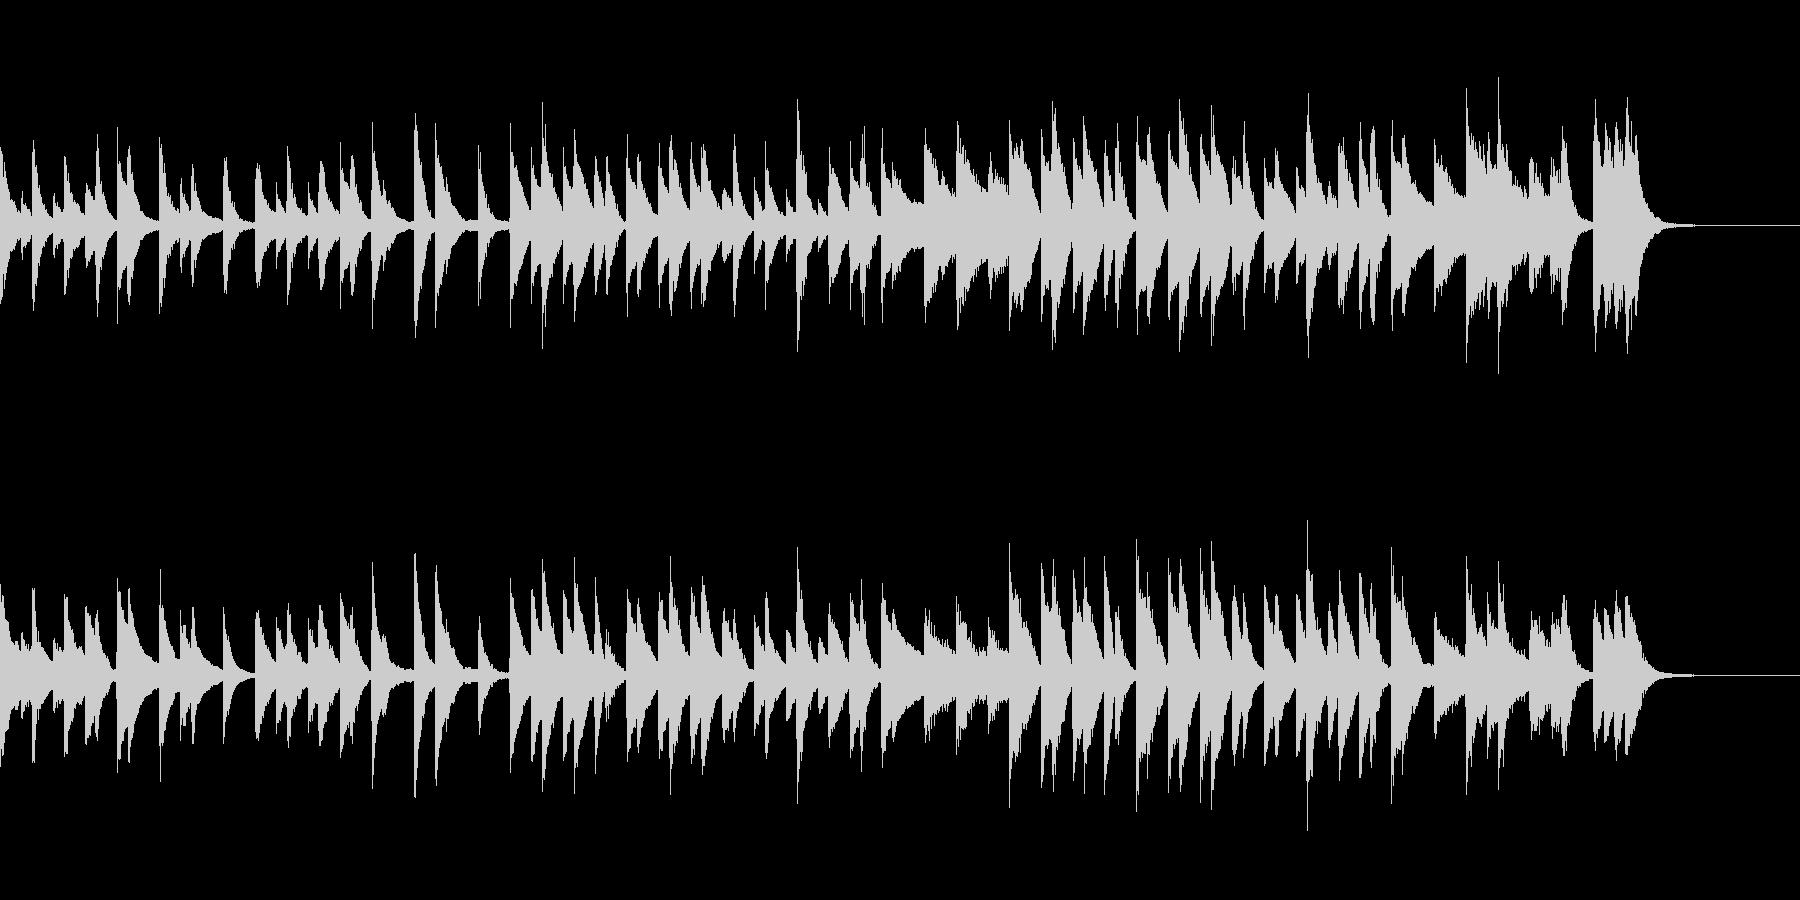 のんびりでウキウキするピアノジングルの未再生の波形